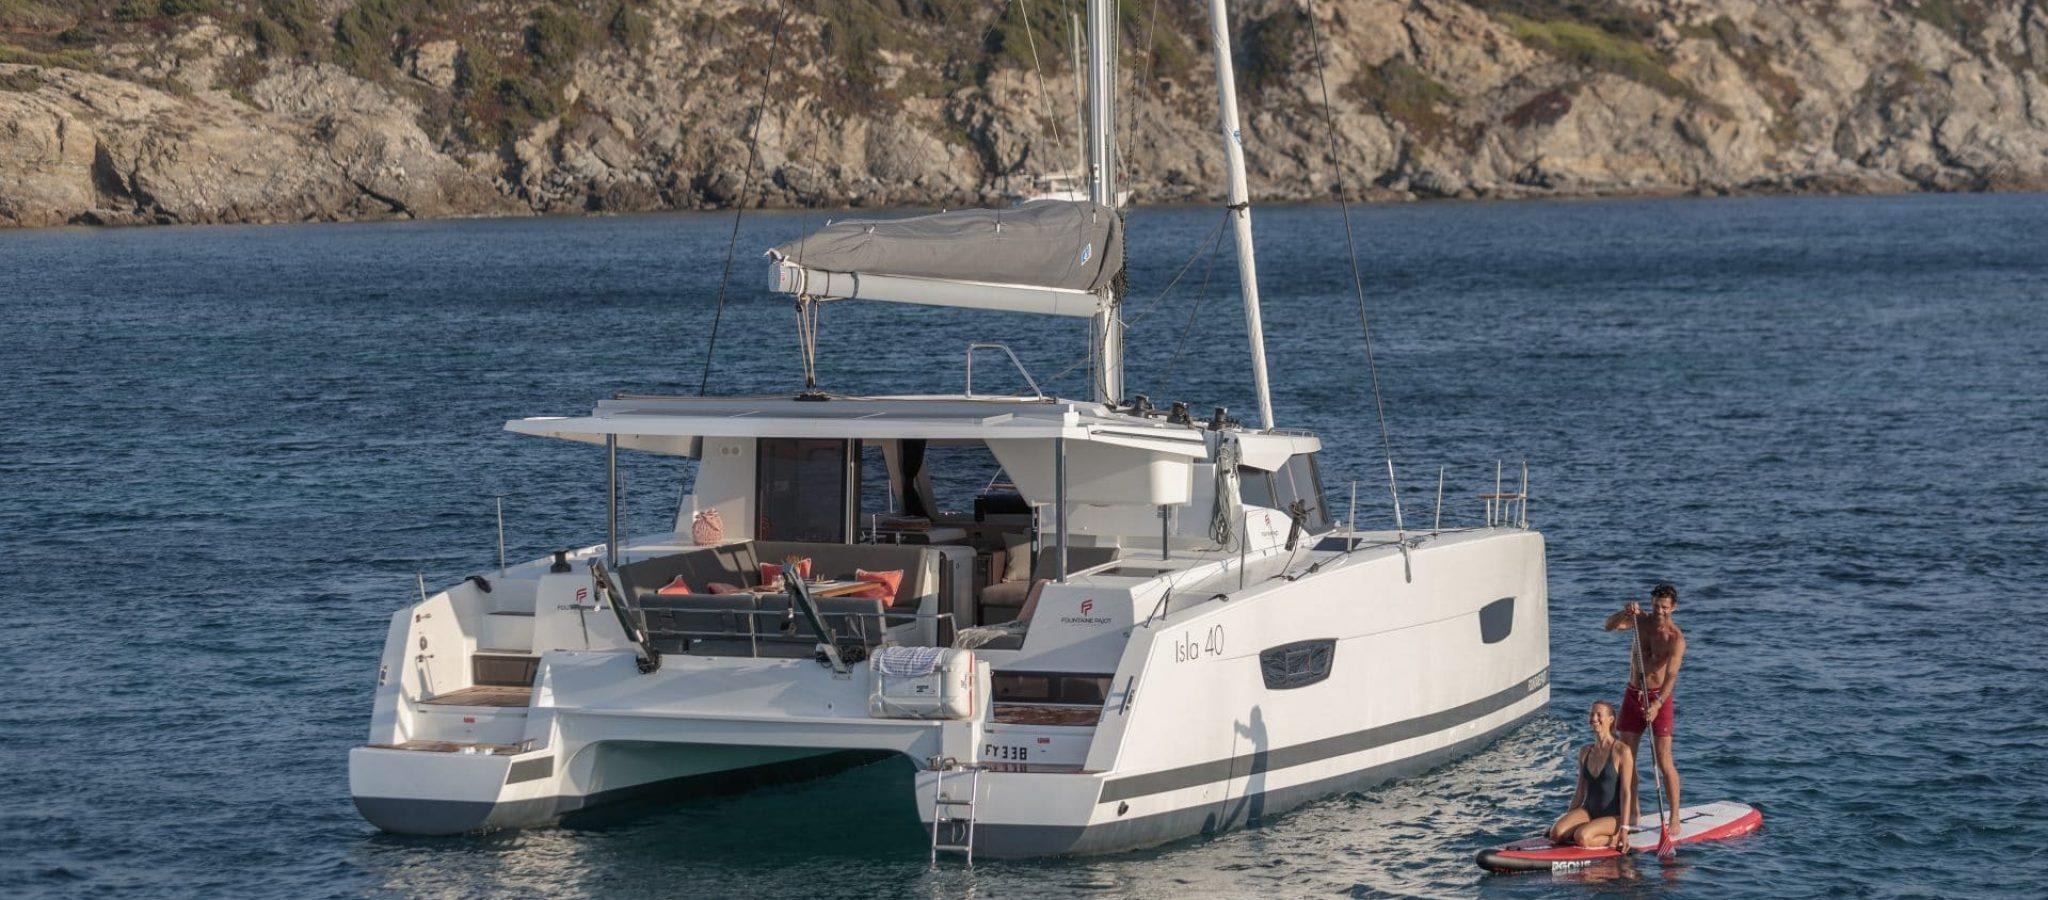 Location et vente Isla 40 catamaran Fountaine pajot